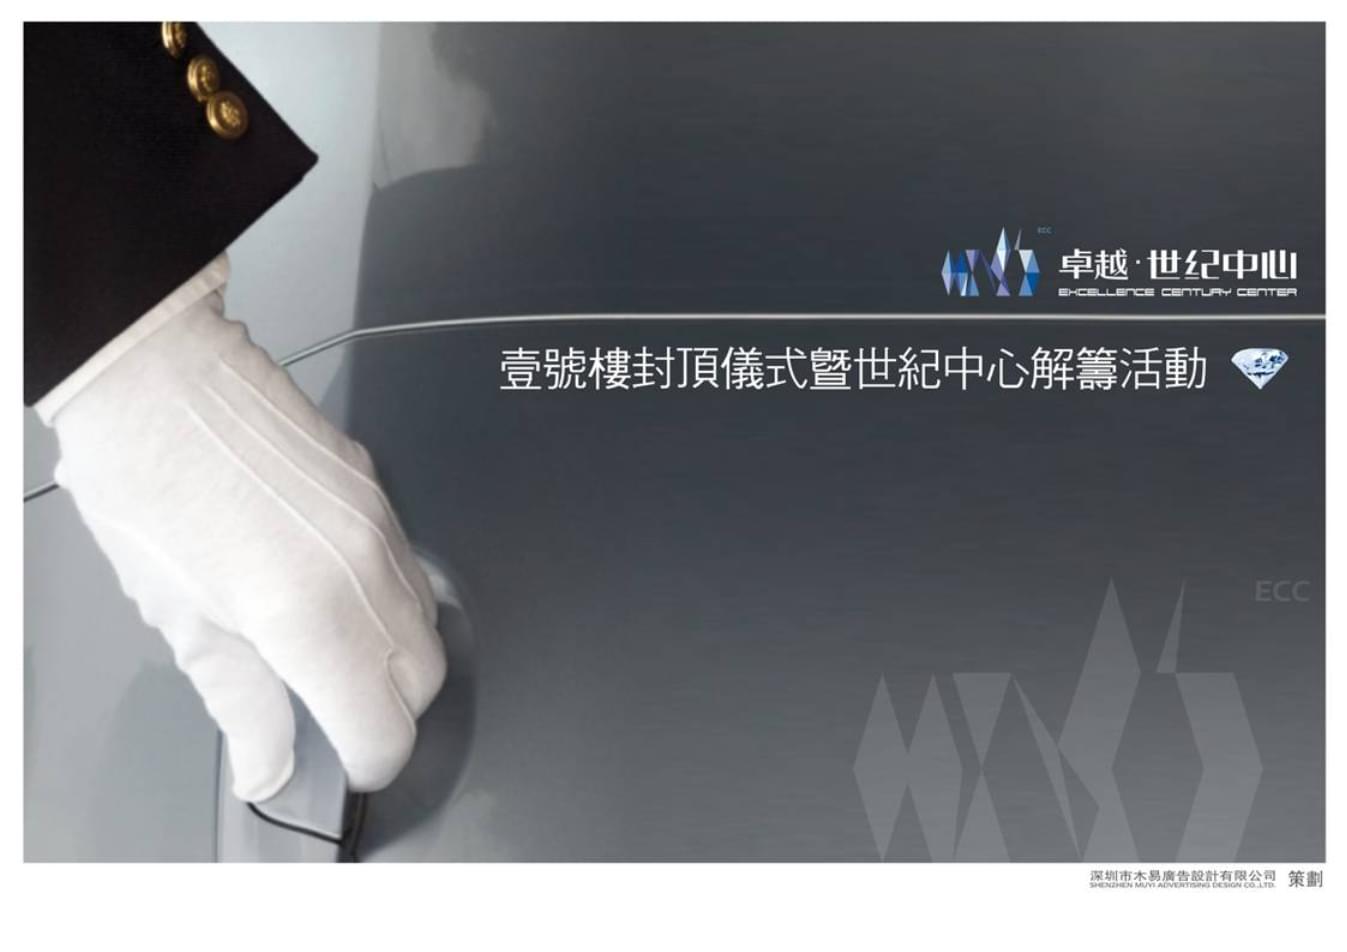 卓越世纪中心1号楼封顶仪式暨世纪中心解筹活动.ppt